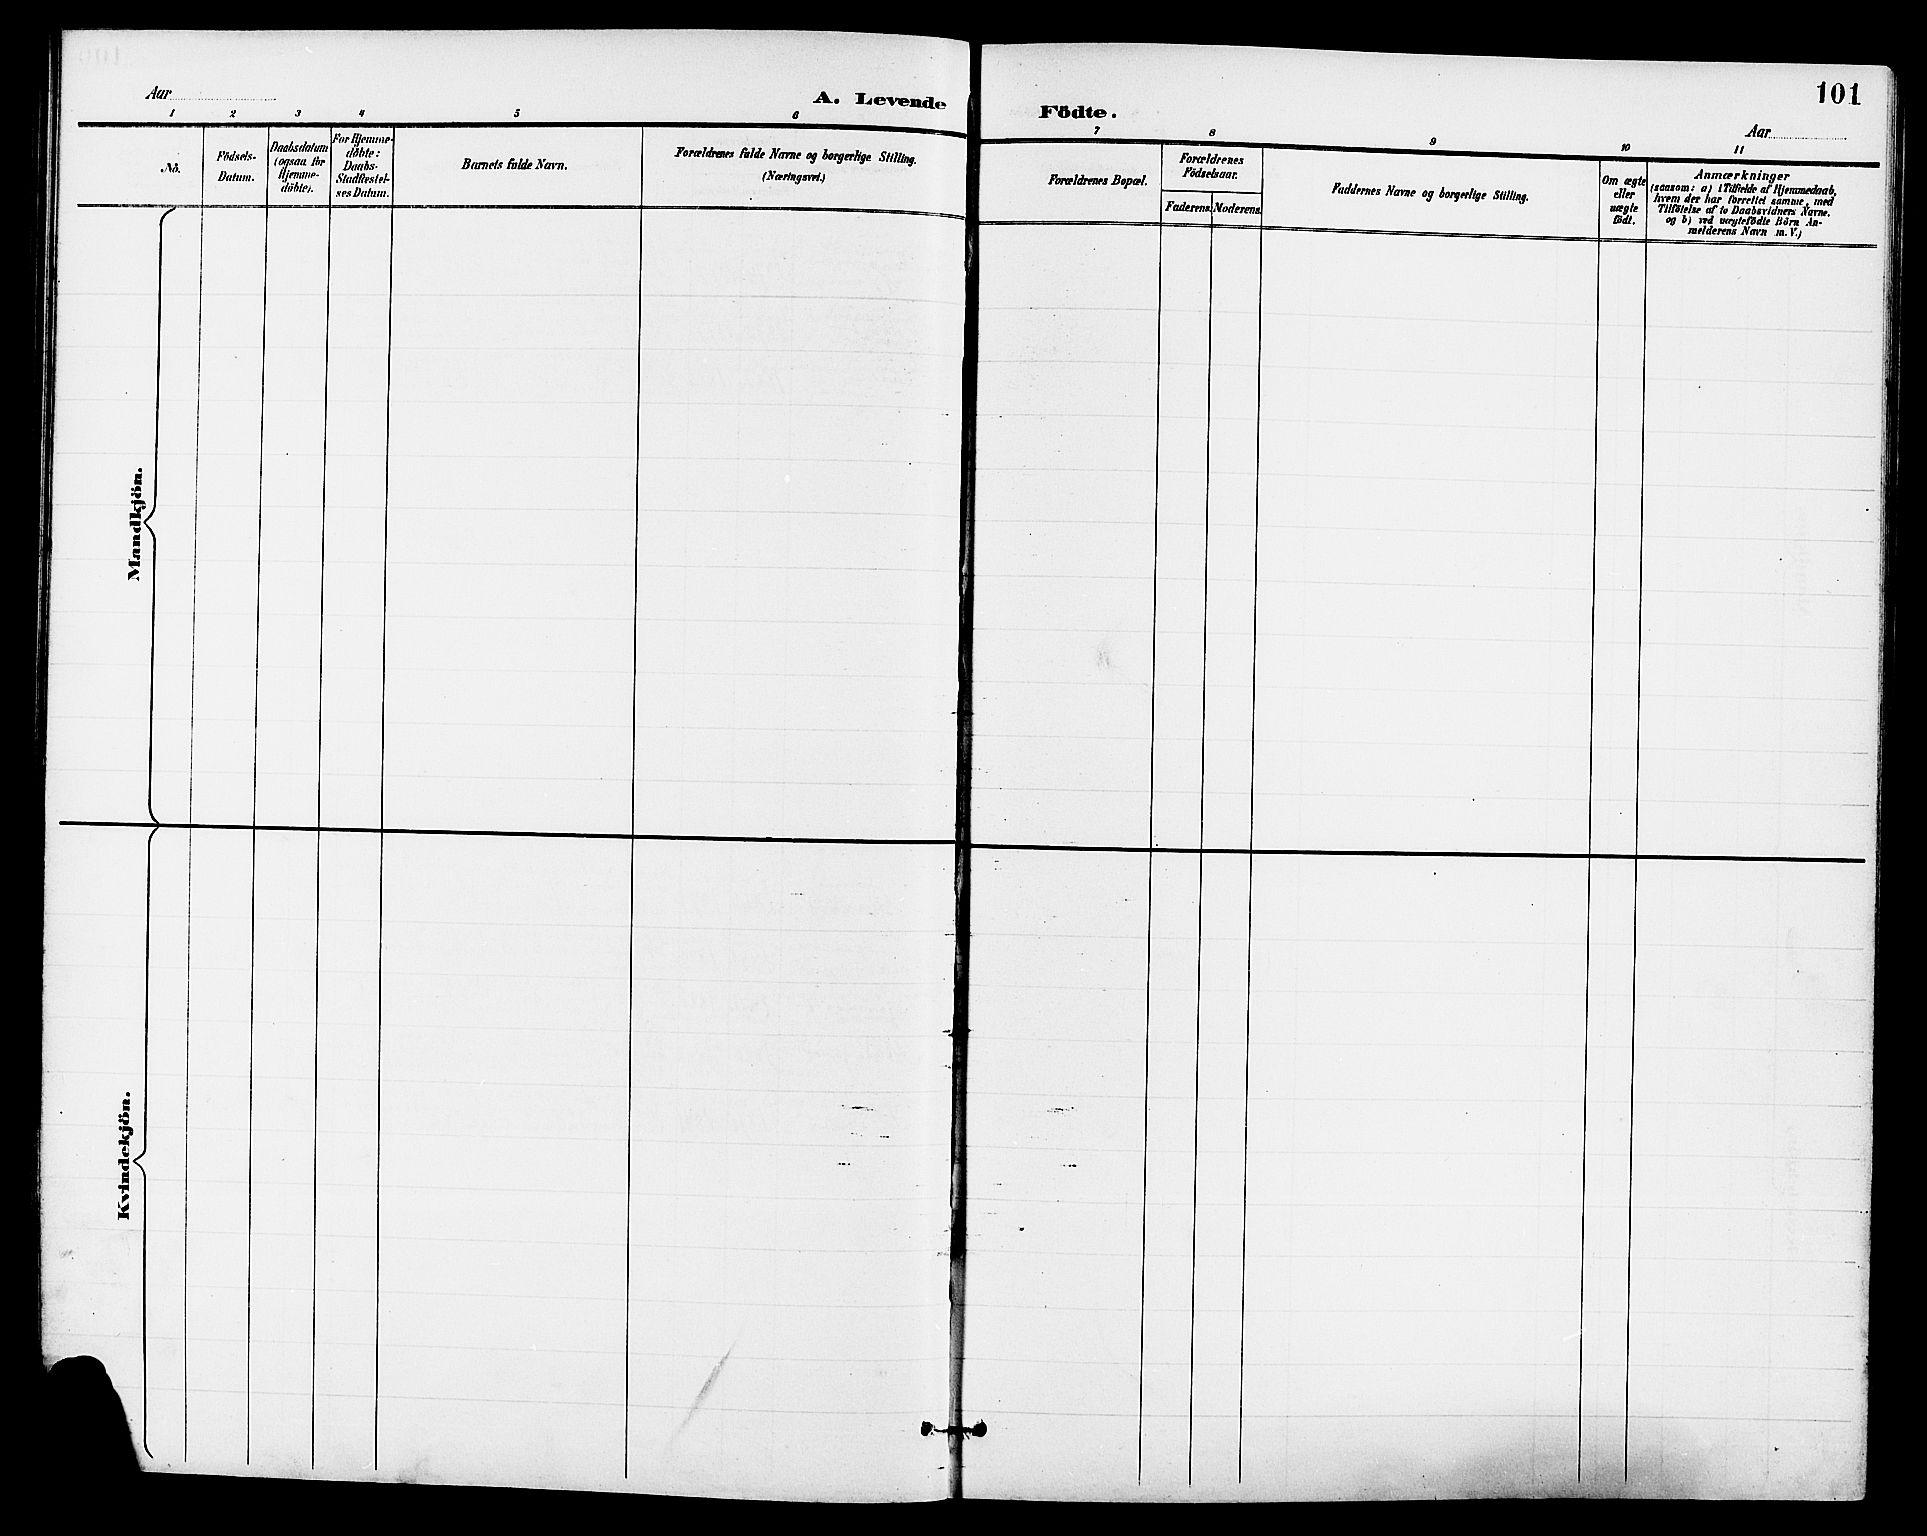 SAKO, Eidanger kirkebøker, G/Ga/L0003: Klokkerbok nr. 3, 1893-1911, s. 101